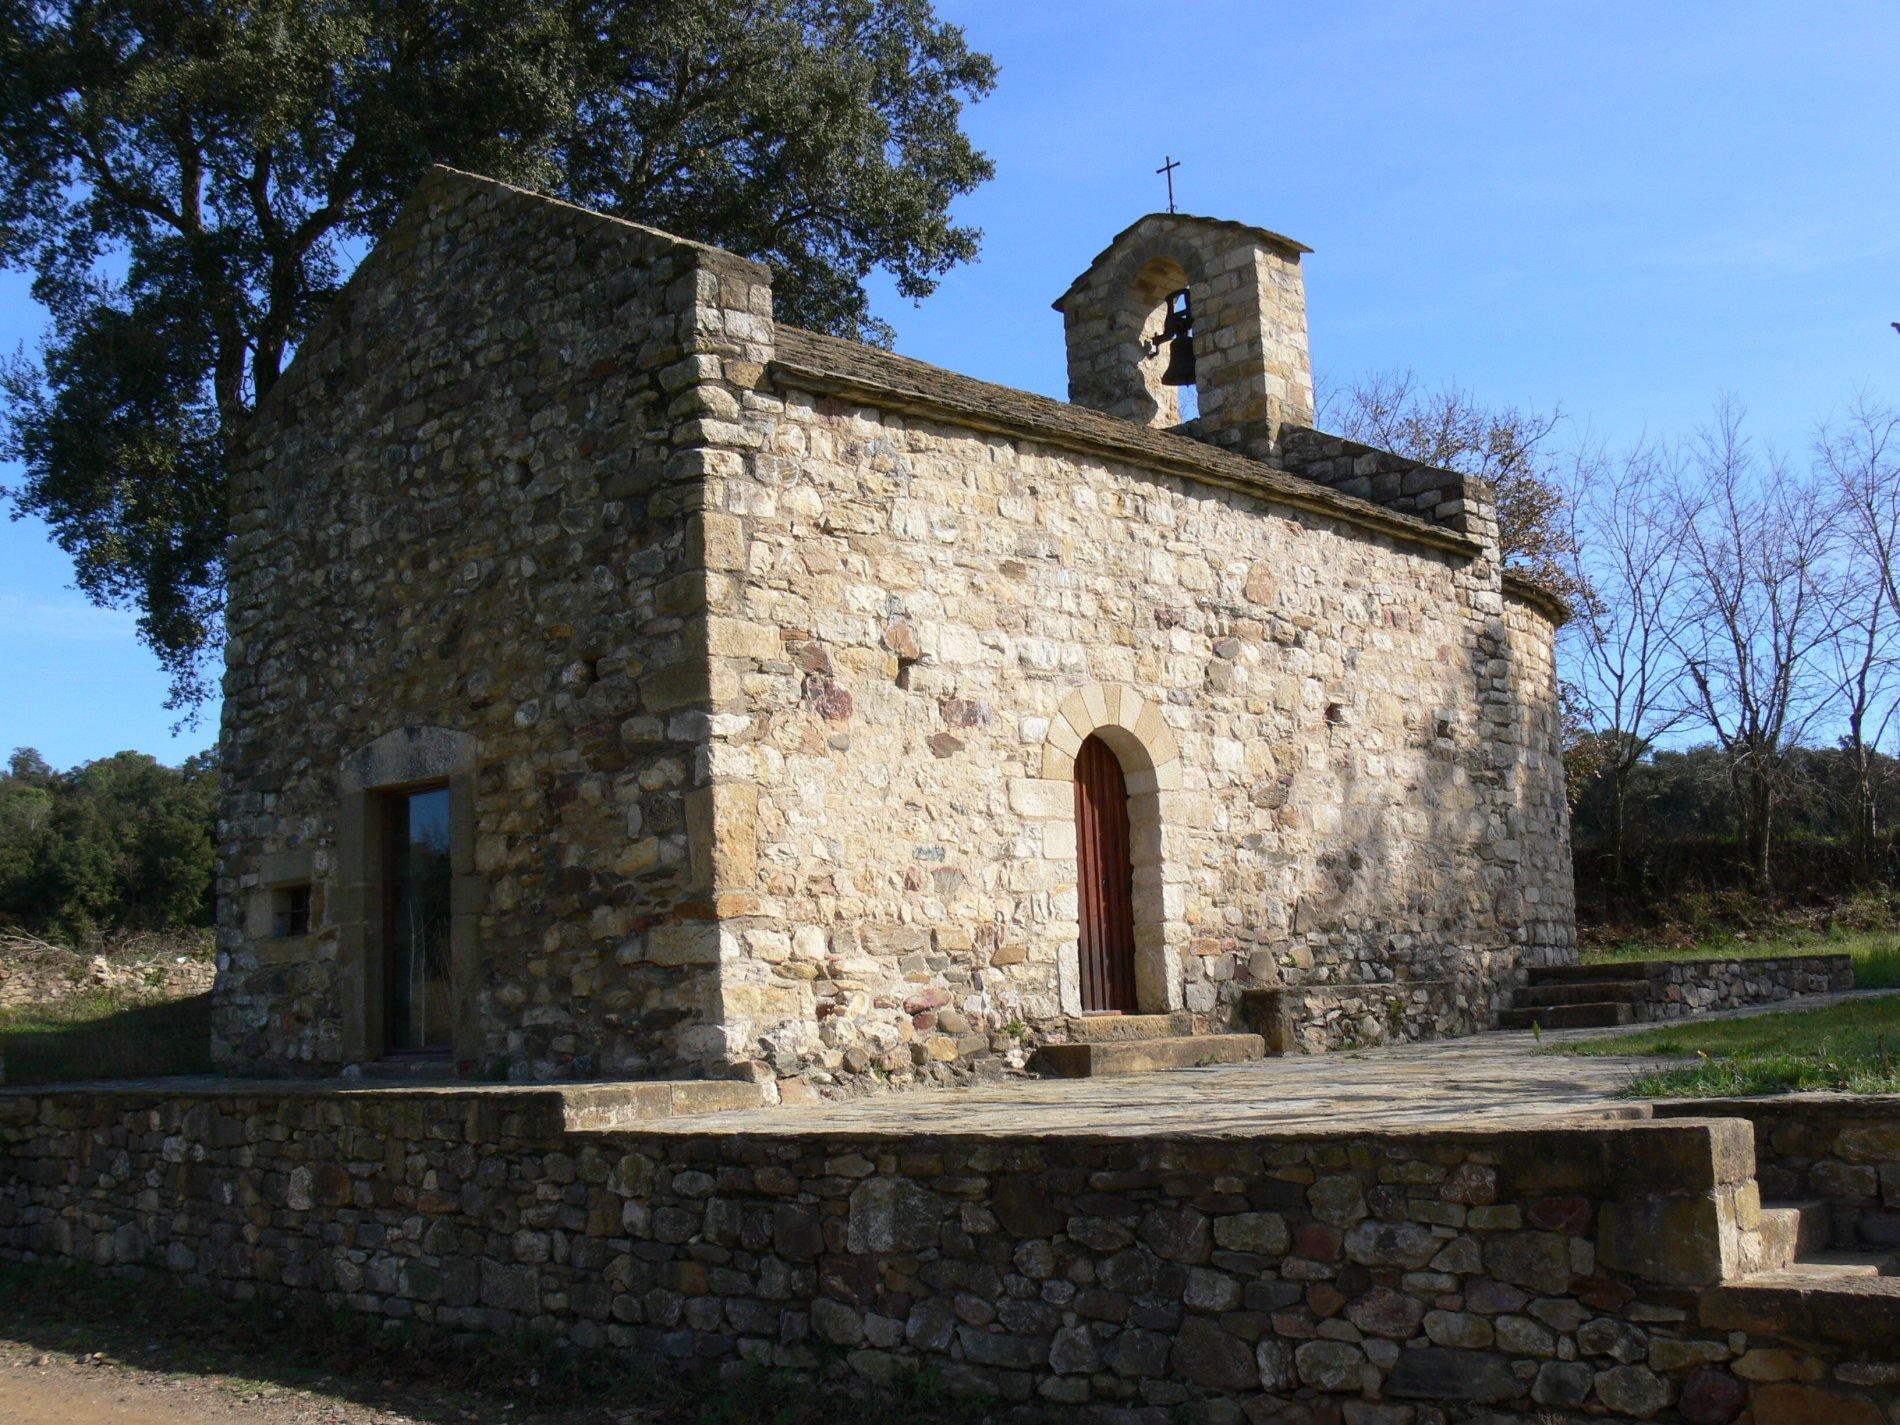 La petita ermita de Sant Joan de Salelles és d'època romànica i a la fotografia s'observa la seva façana principal i la lateral. Les dues consten de portes adovellades, la lateral dibuixa un arc de mig punt i la principal és rectangular. A sobre de l'arc triomfal es va construir el campanar d'espanya.